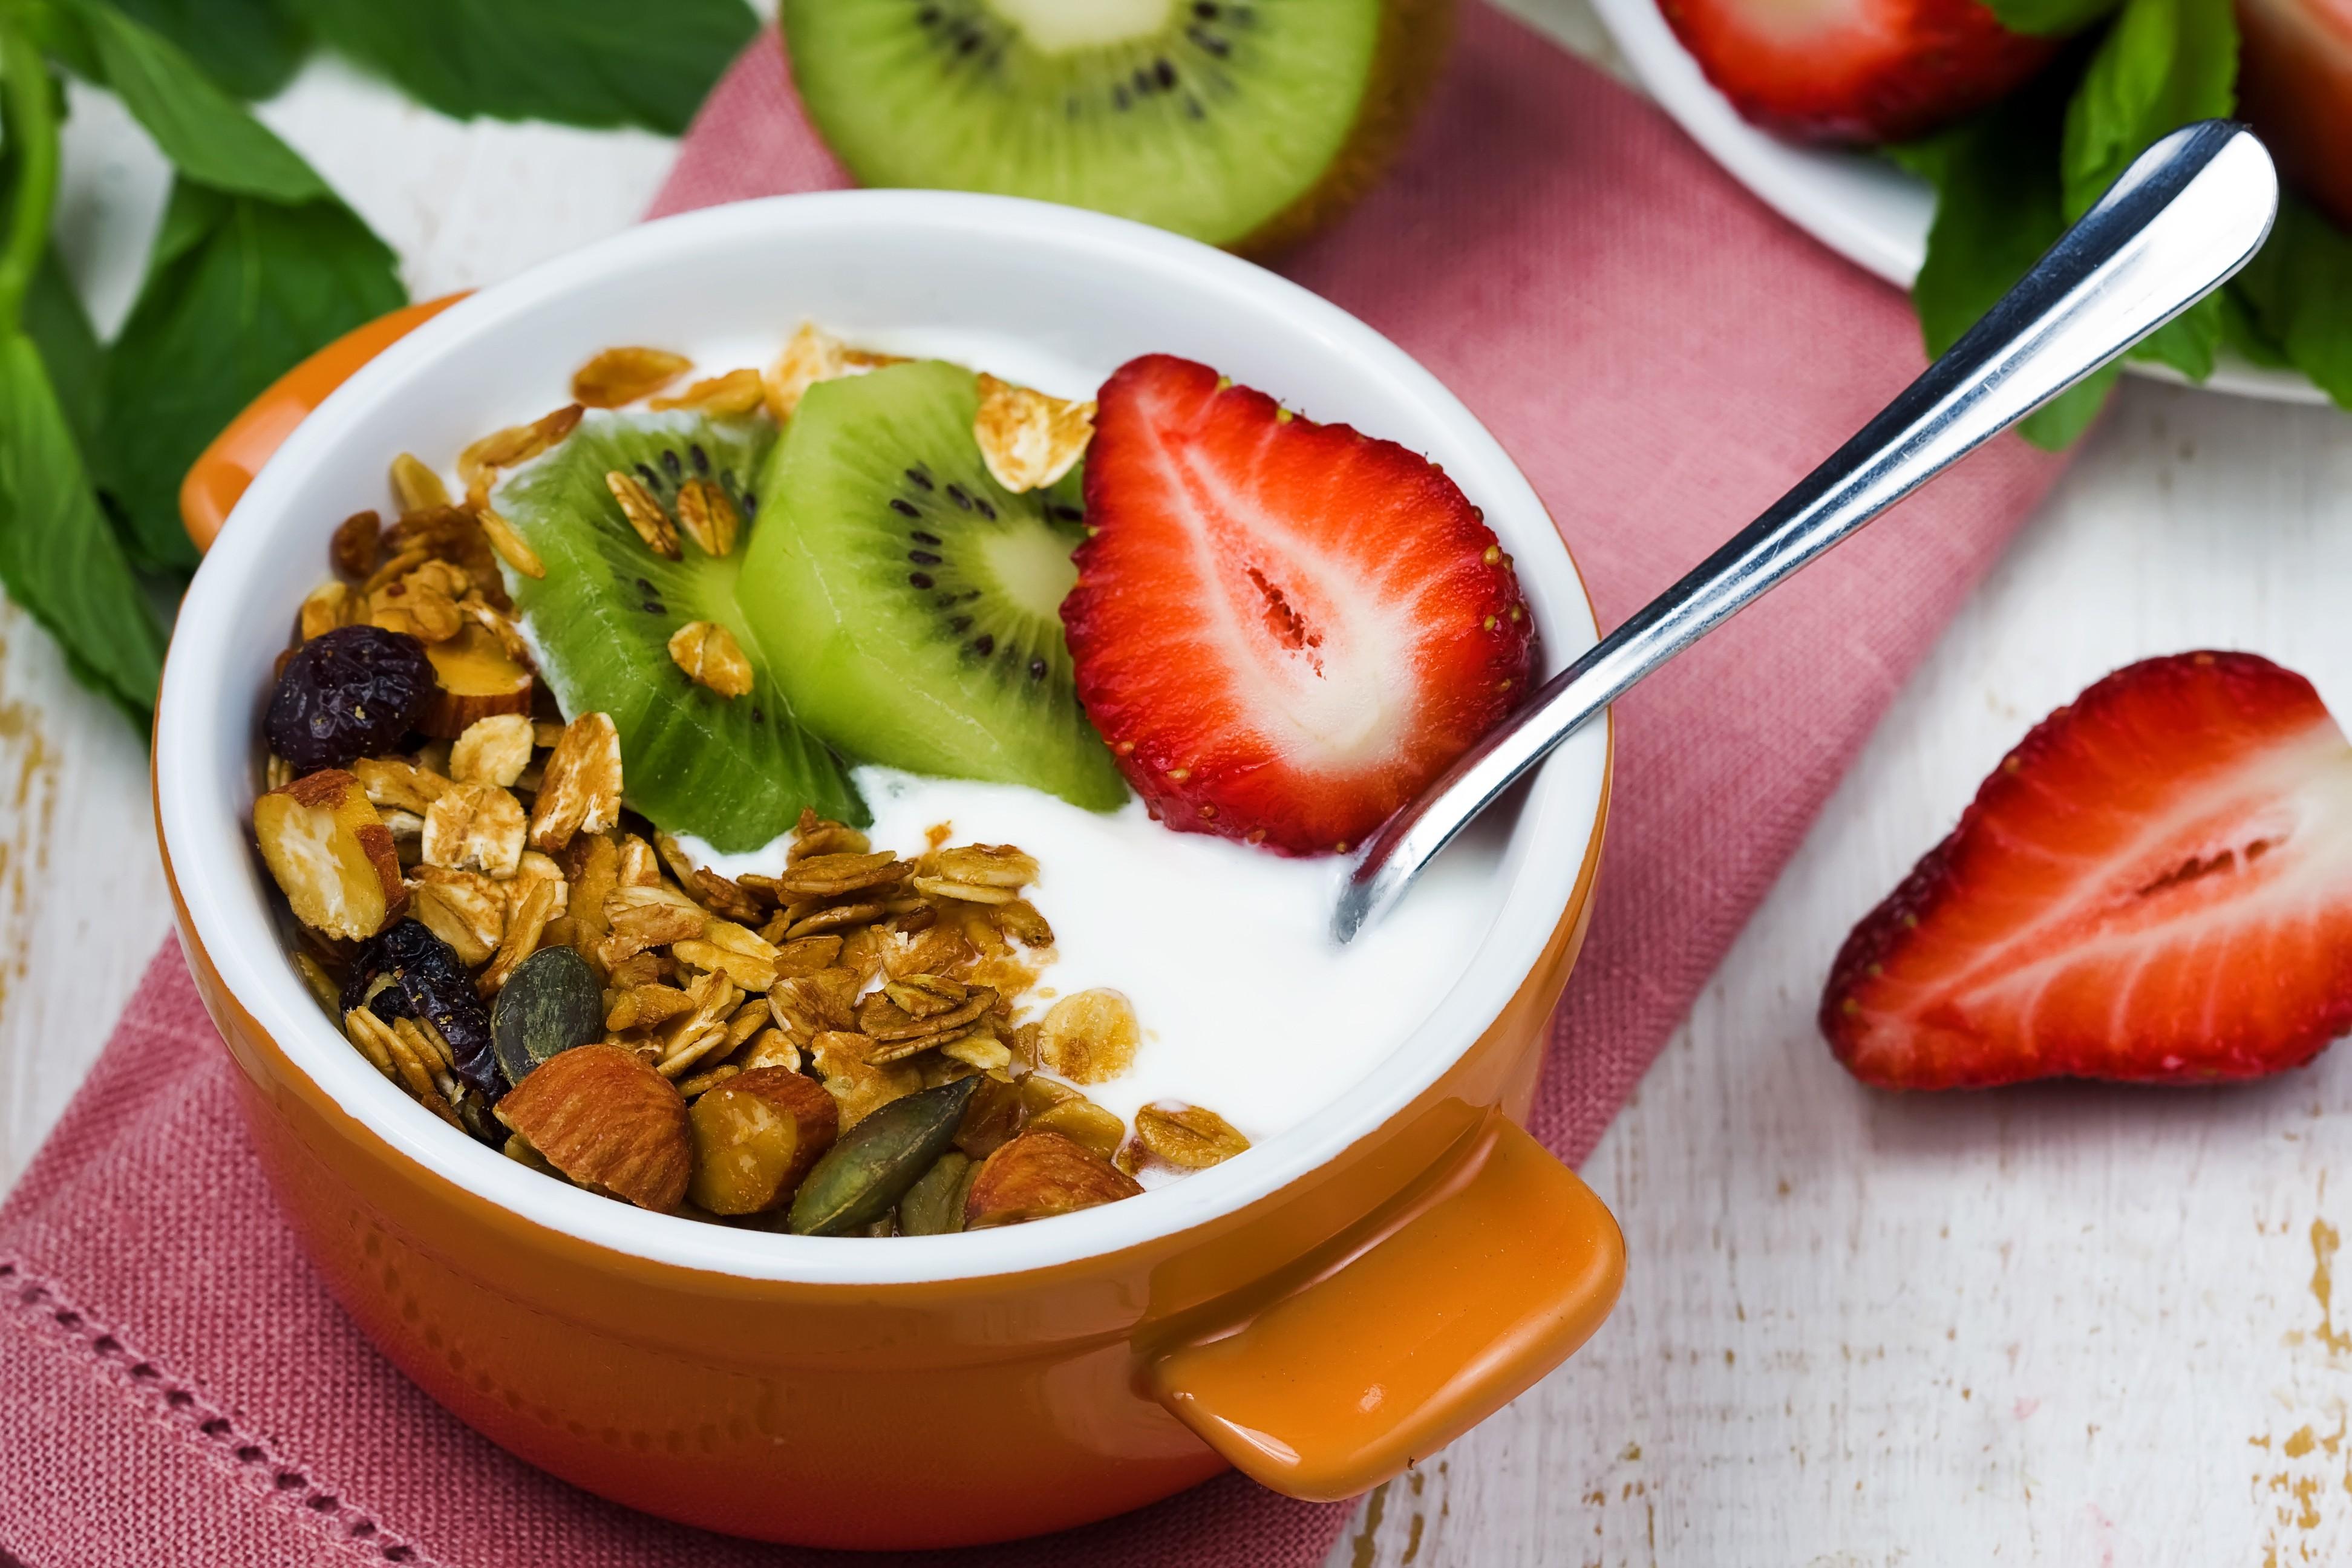 Йогурт На Ужин При Похудении. Йогуртовая диета: можно ли похудеть на йогуртах за 7 дней на 10 кг, отзывы и результаты, правила похудения для худеющих